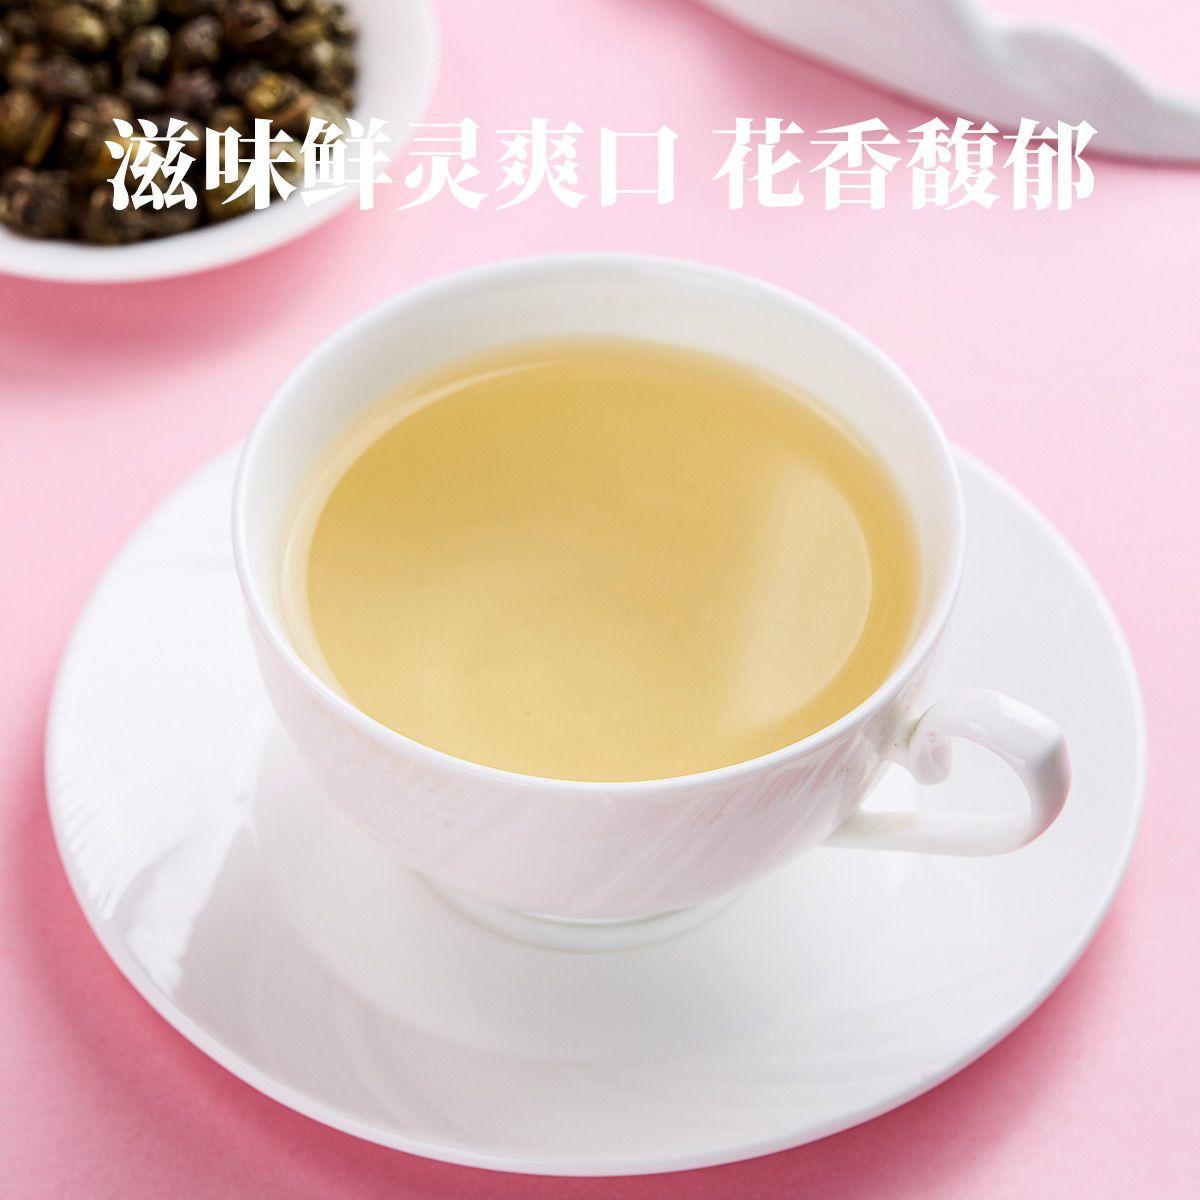 54246-八马茉莉花茶鲜花龙珠绿茶冲调茶叶花草茶罐装120g-详情图